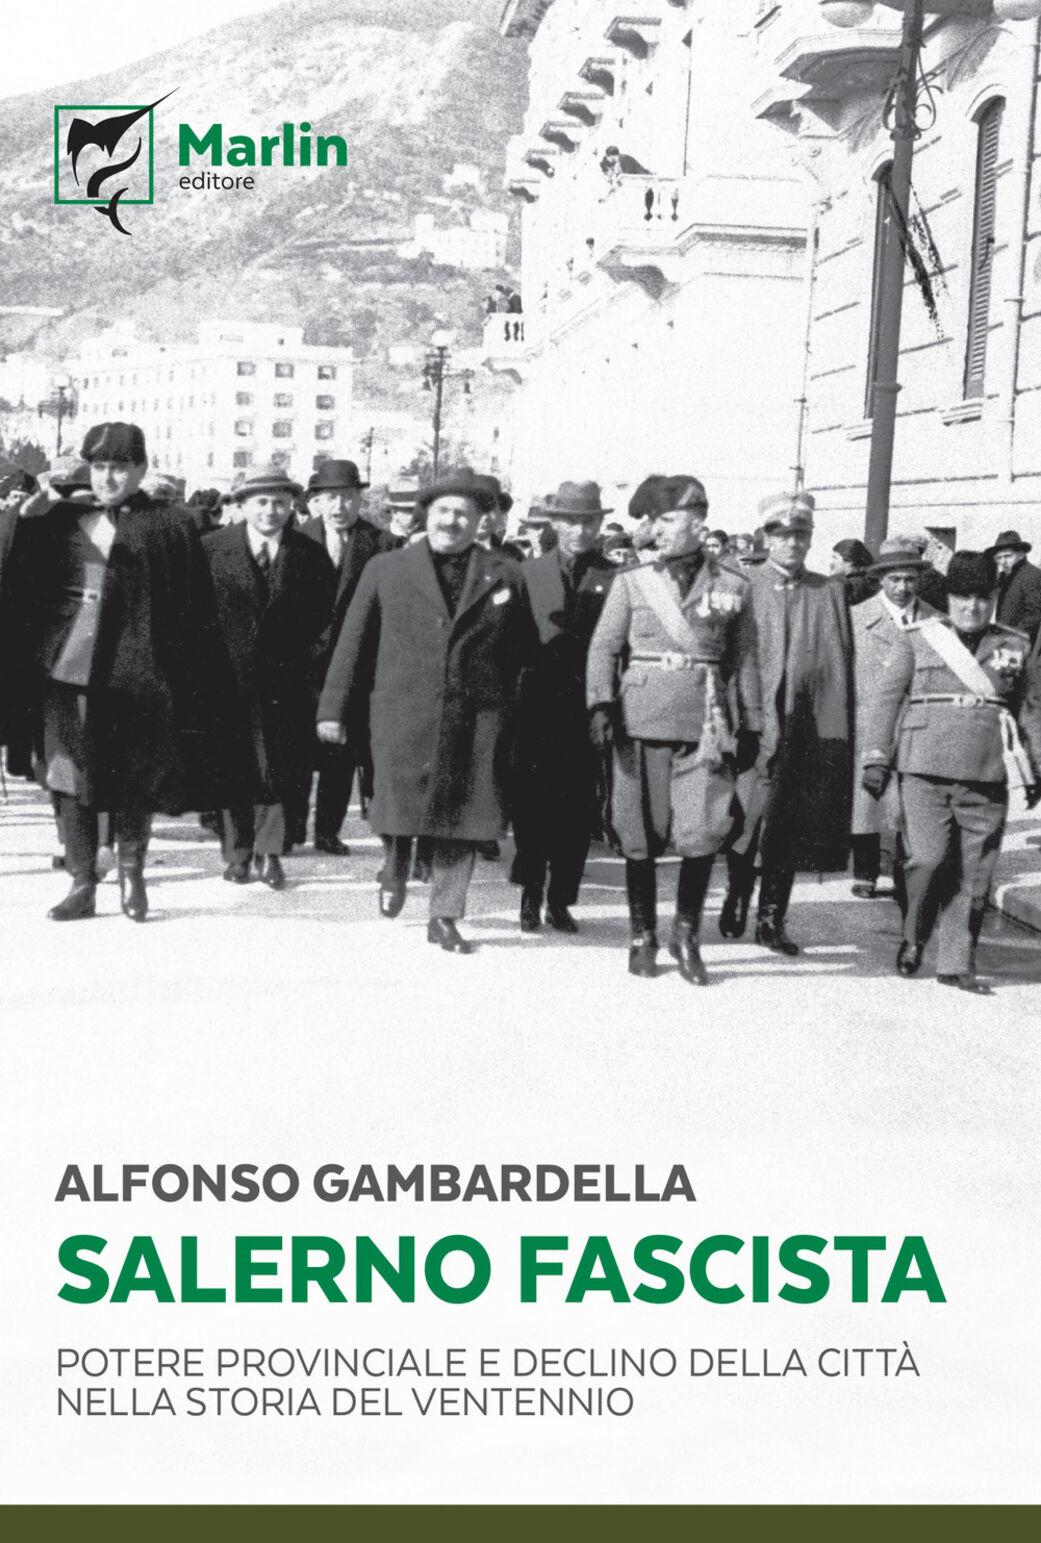 Salerno fascista. Potere provinciale e declino della città nella storia del ventennio